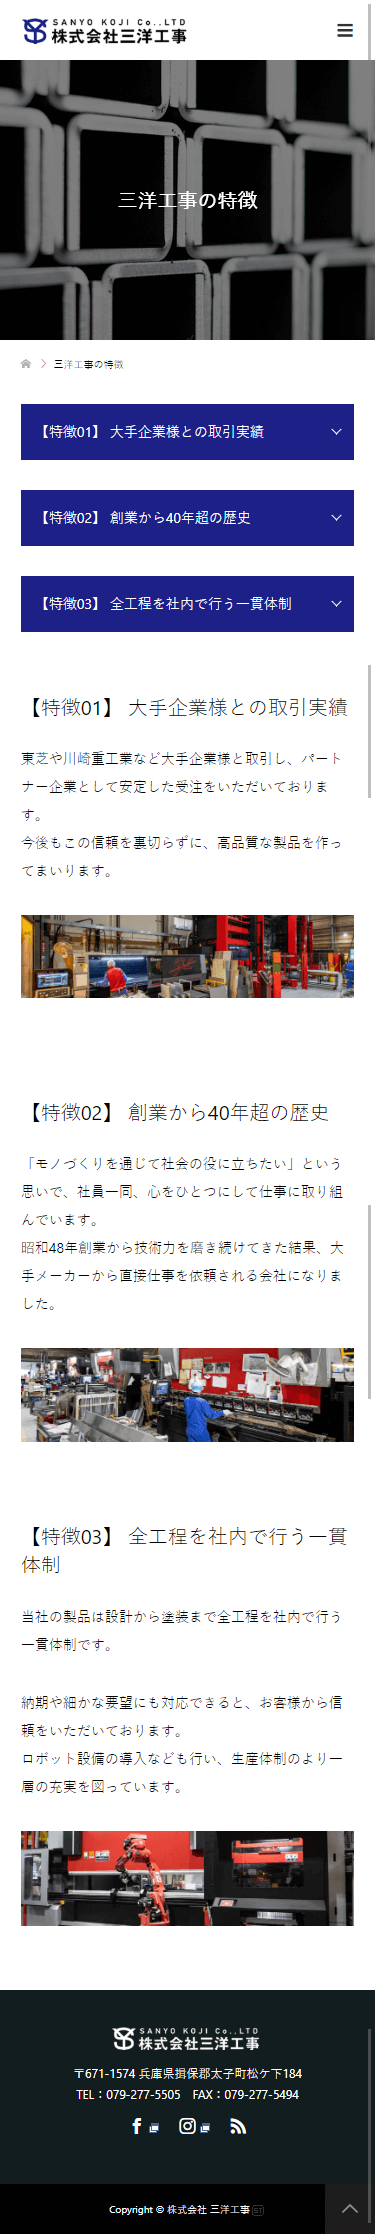 揖保郡 株式会社三洋工事 ホームページ制作4